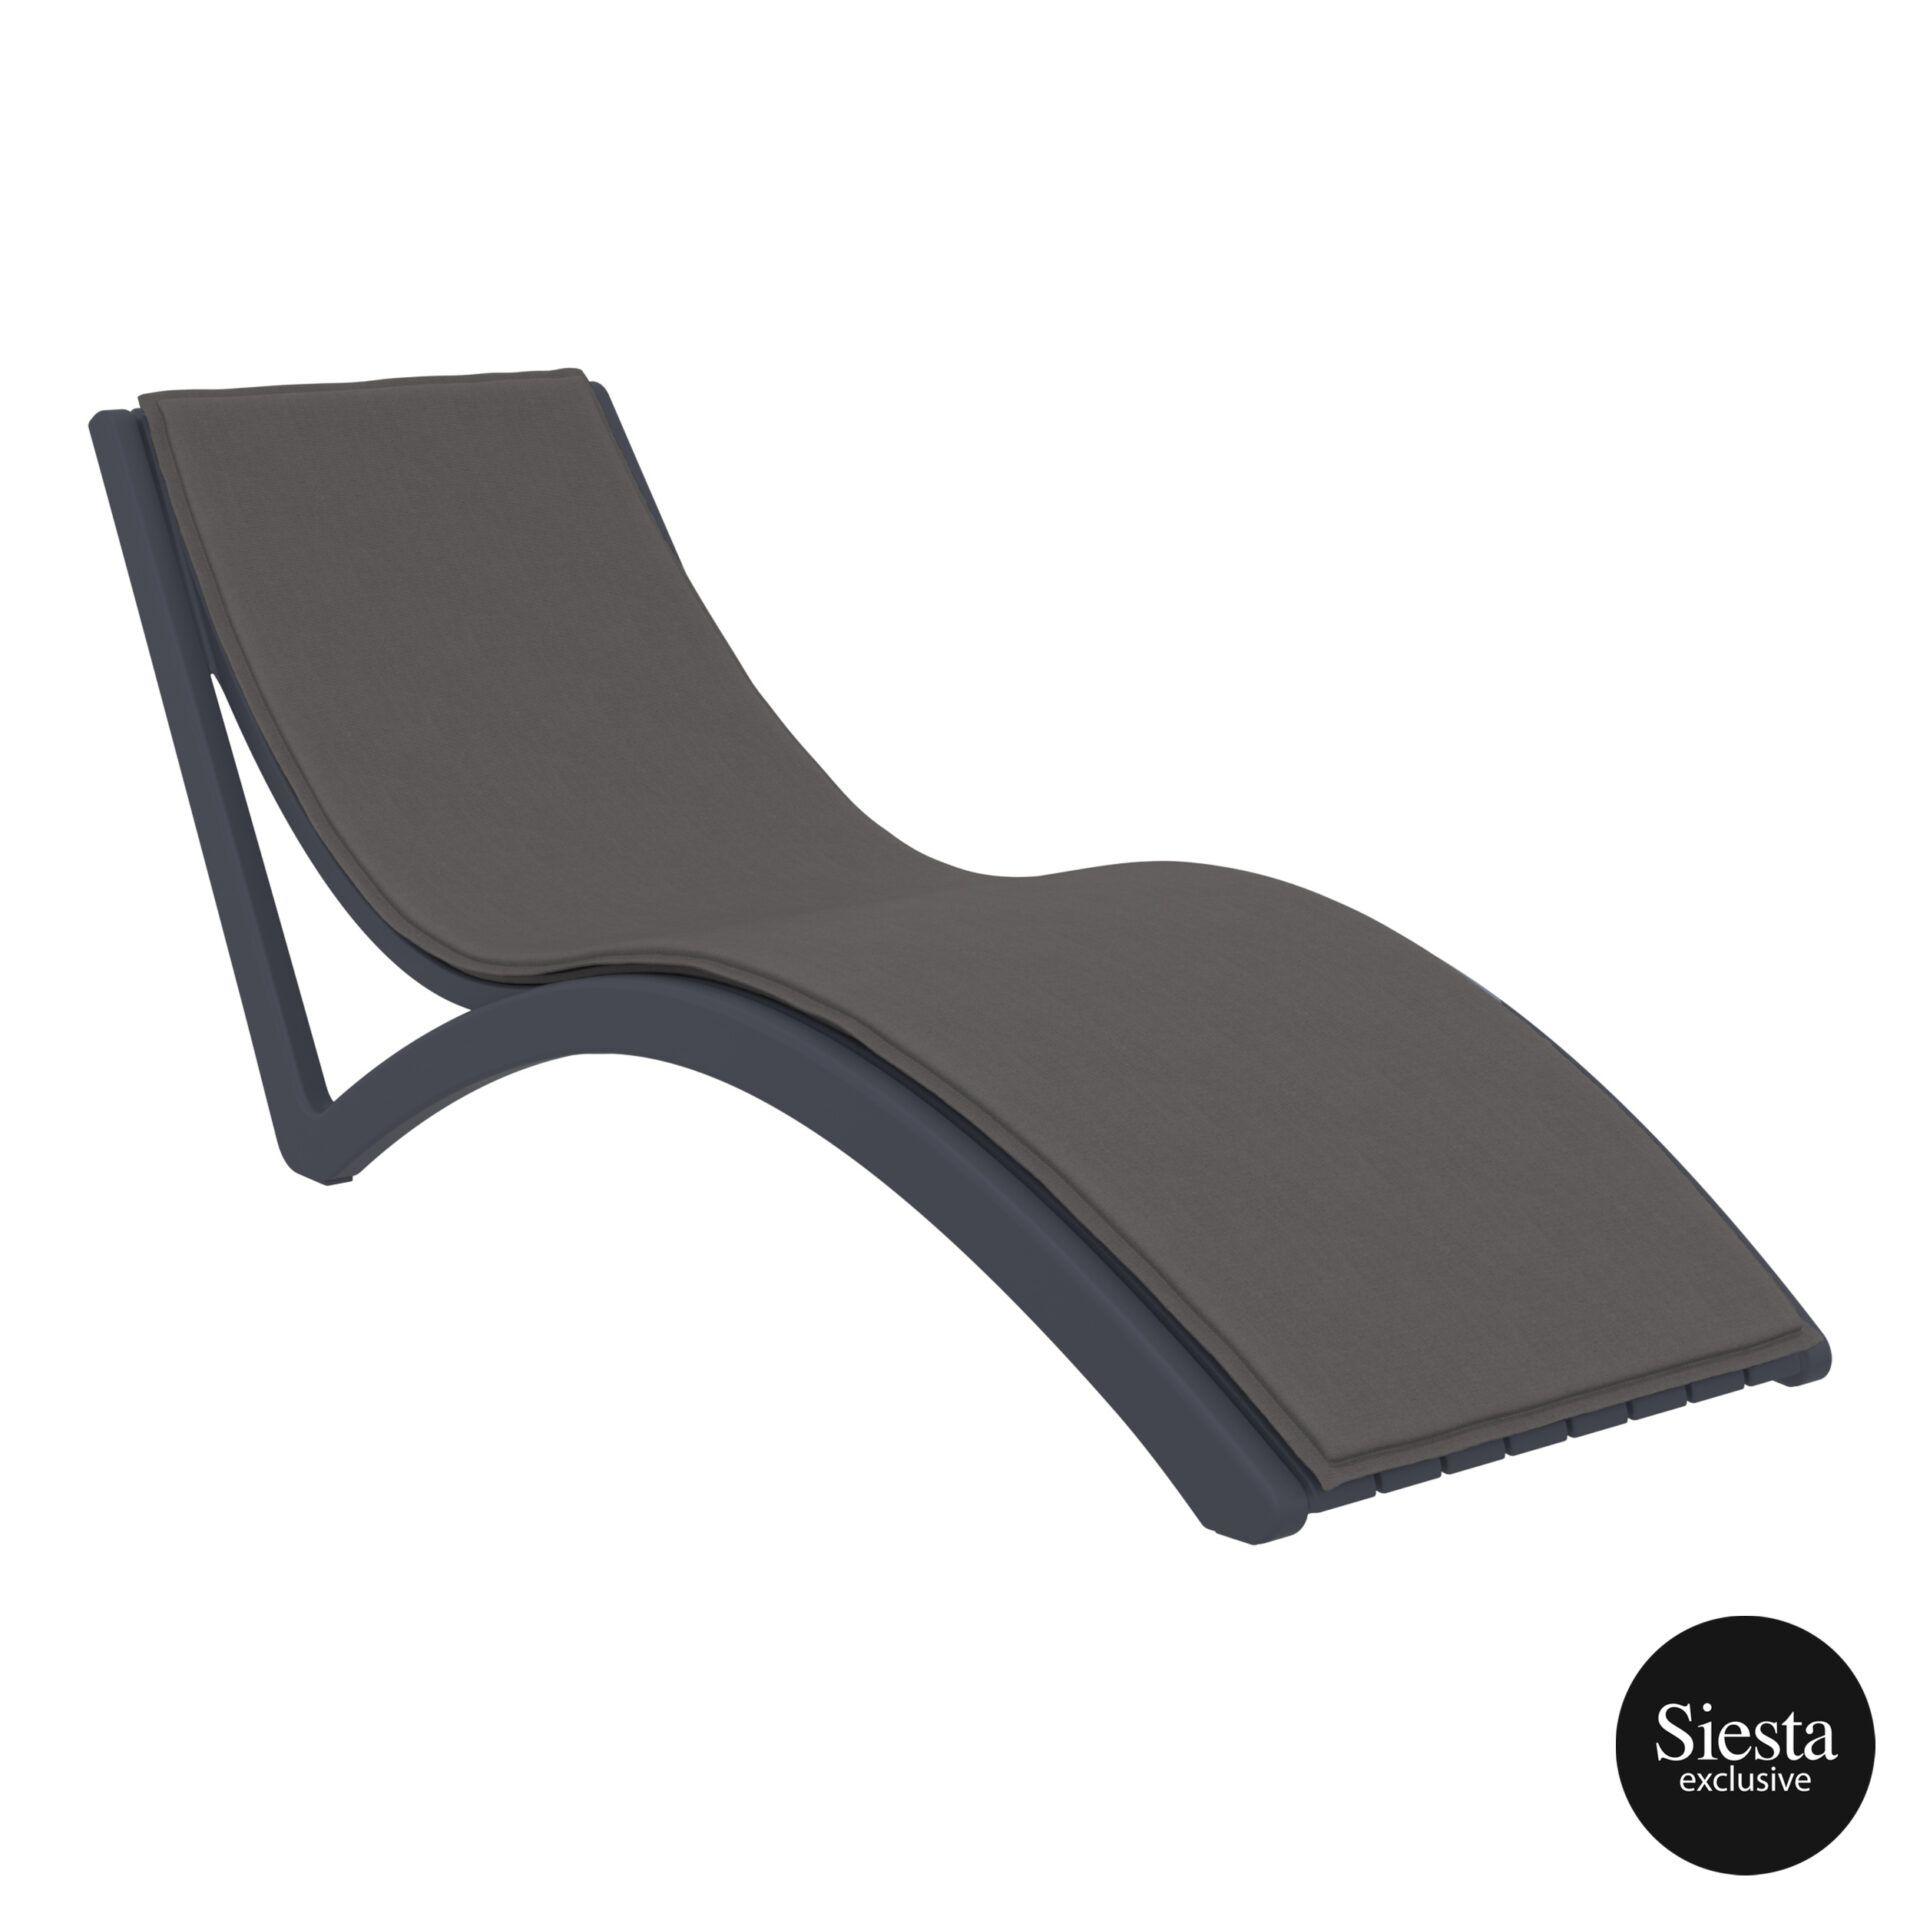 outdoor polypropylene slim sunlounger cushion darkgrey darkgrey front side 1